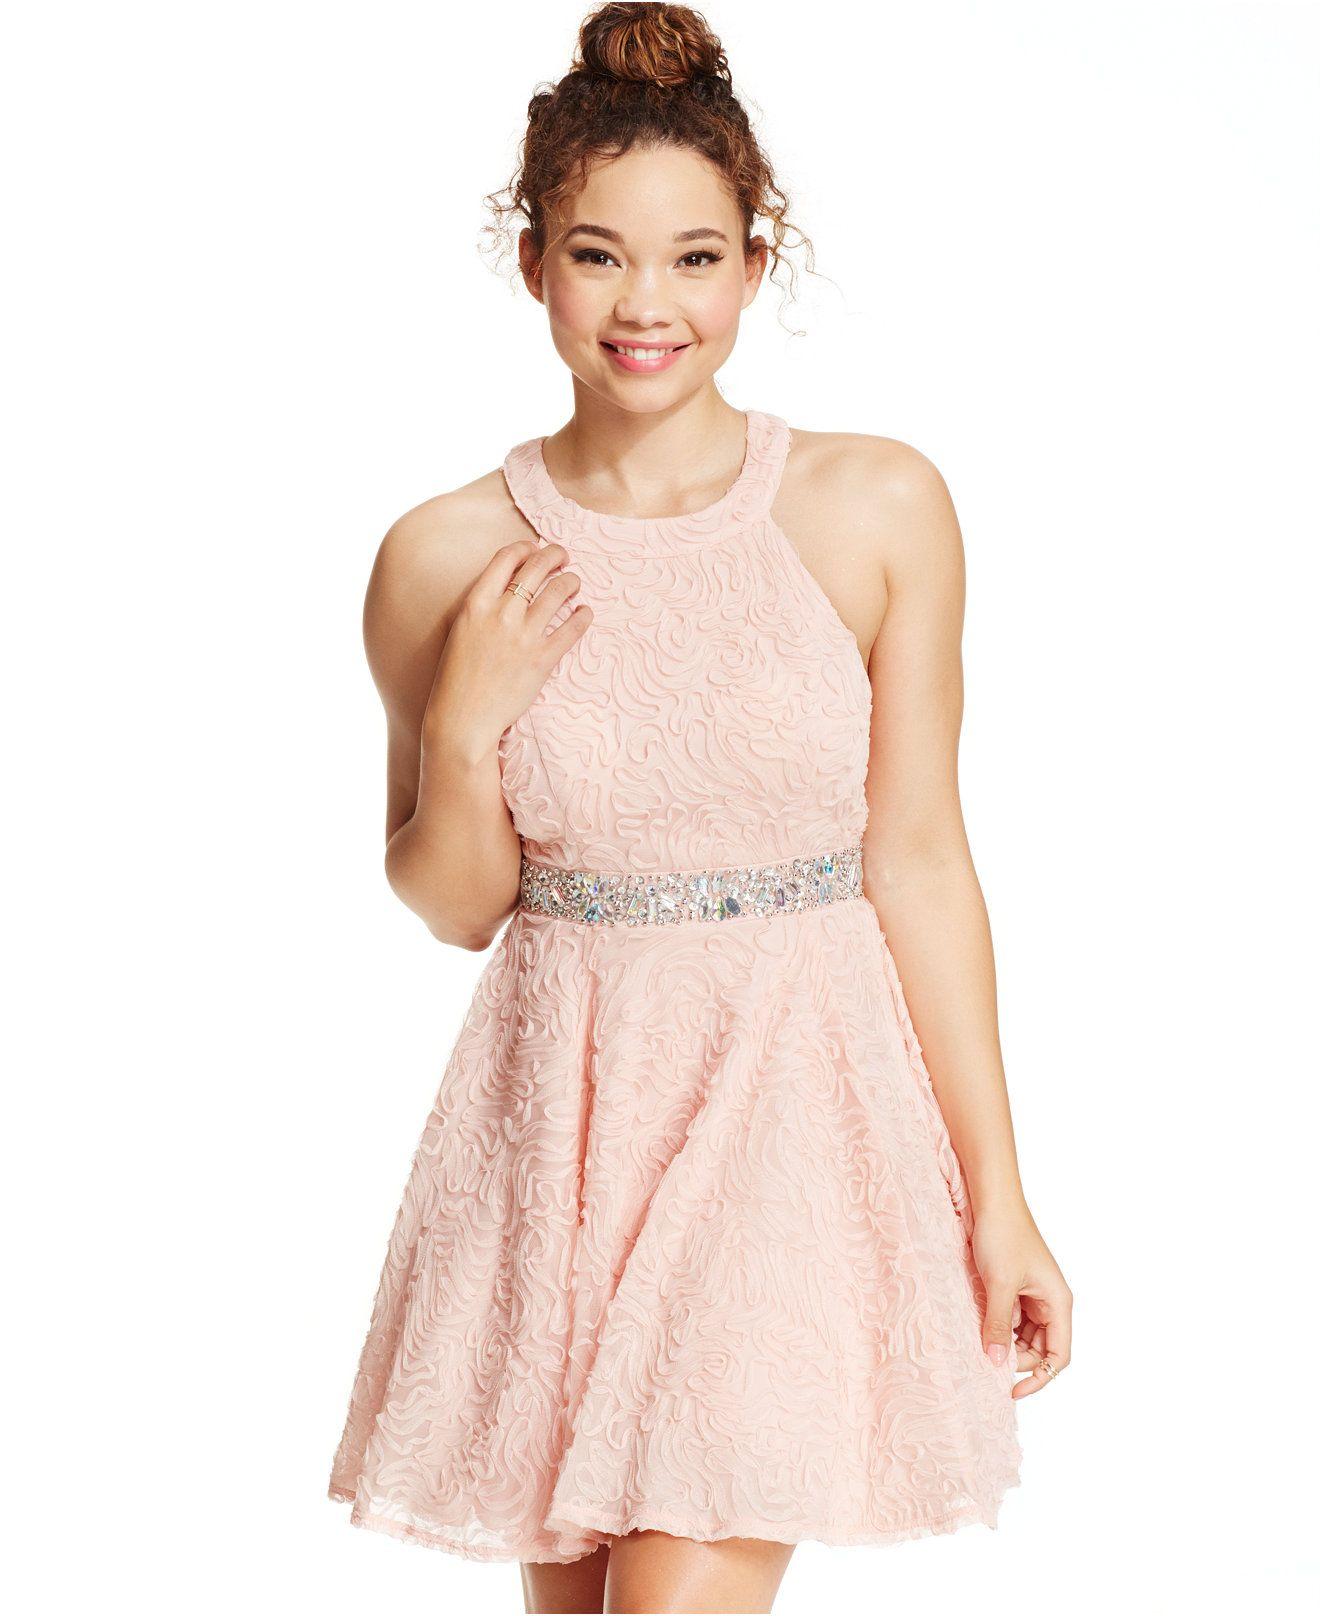 Ausgezeichnet Junior Partykleid Zeitgenössisch - Hochzeit Kleid ...